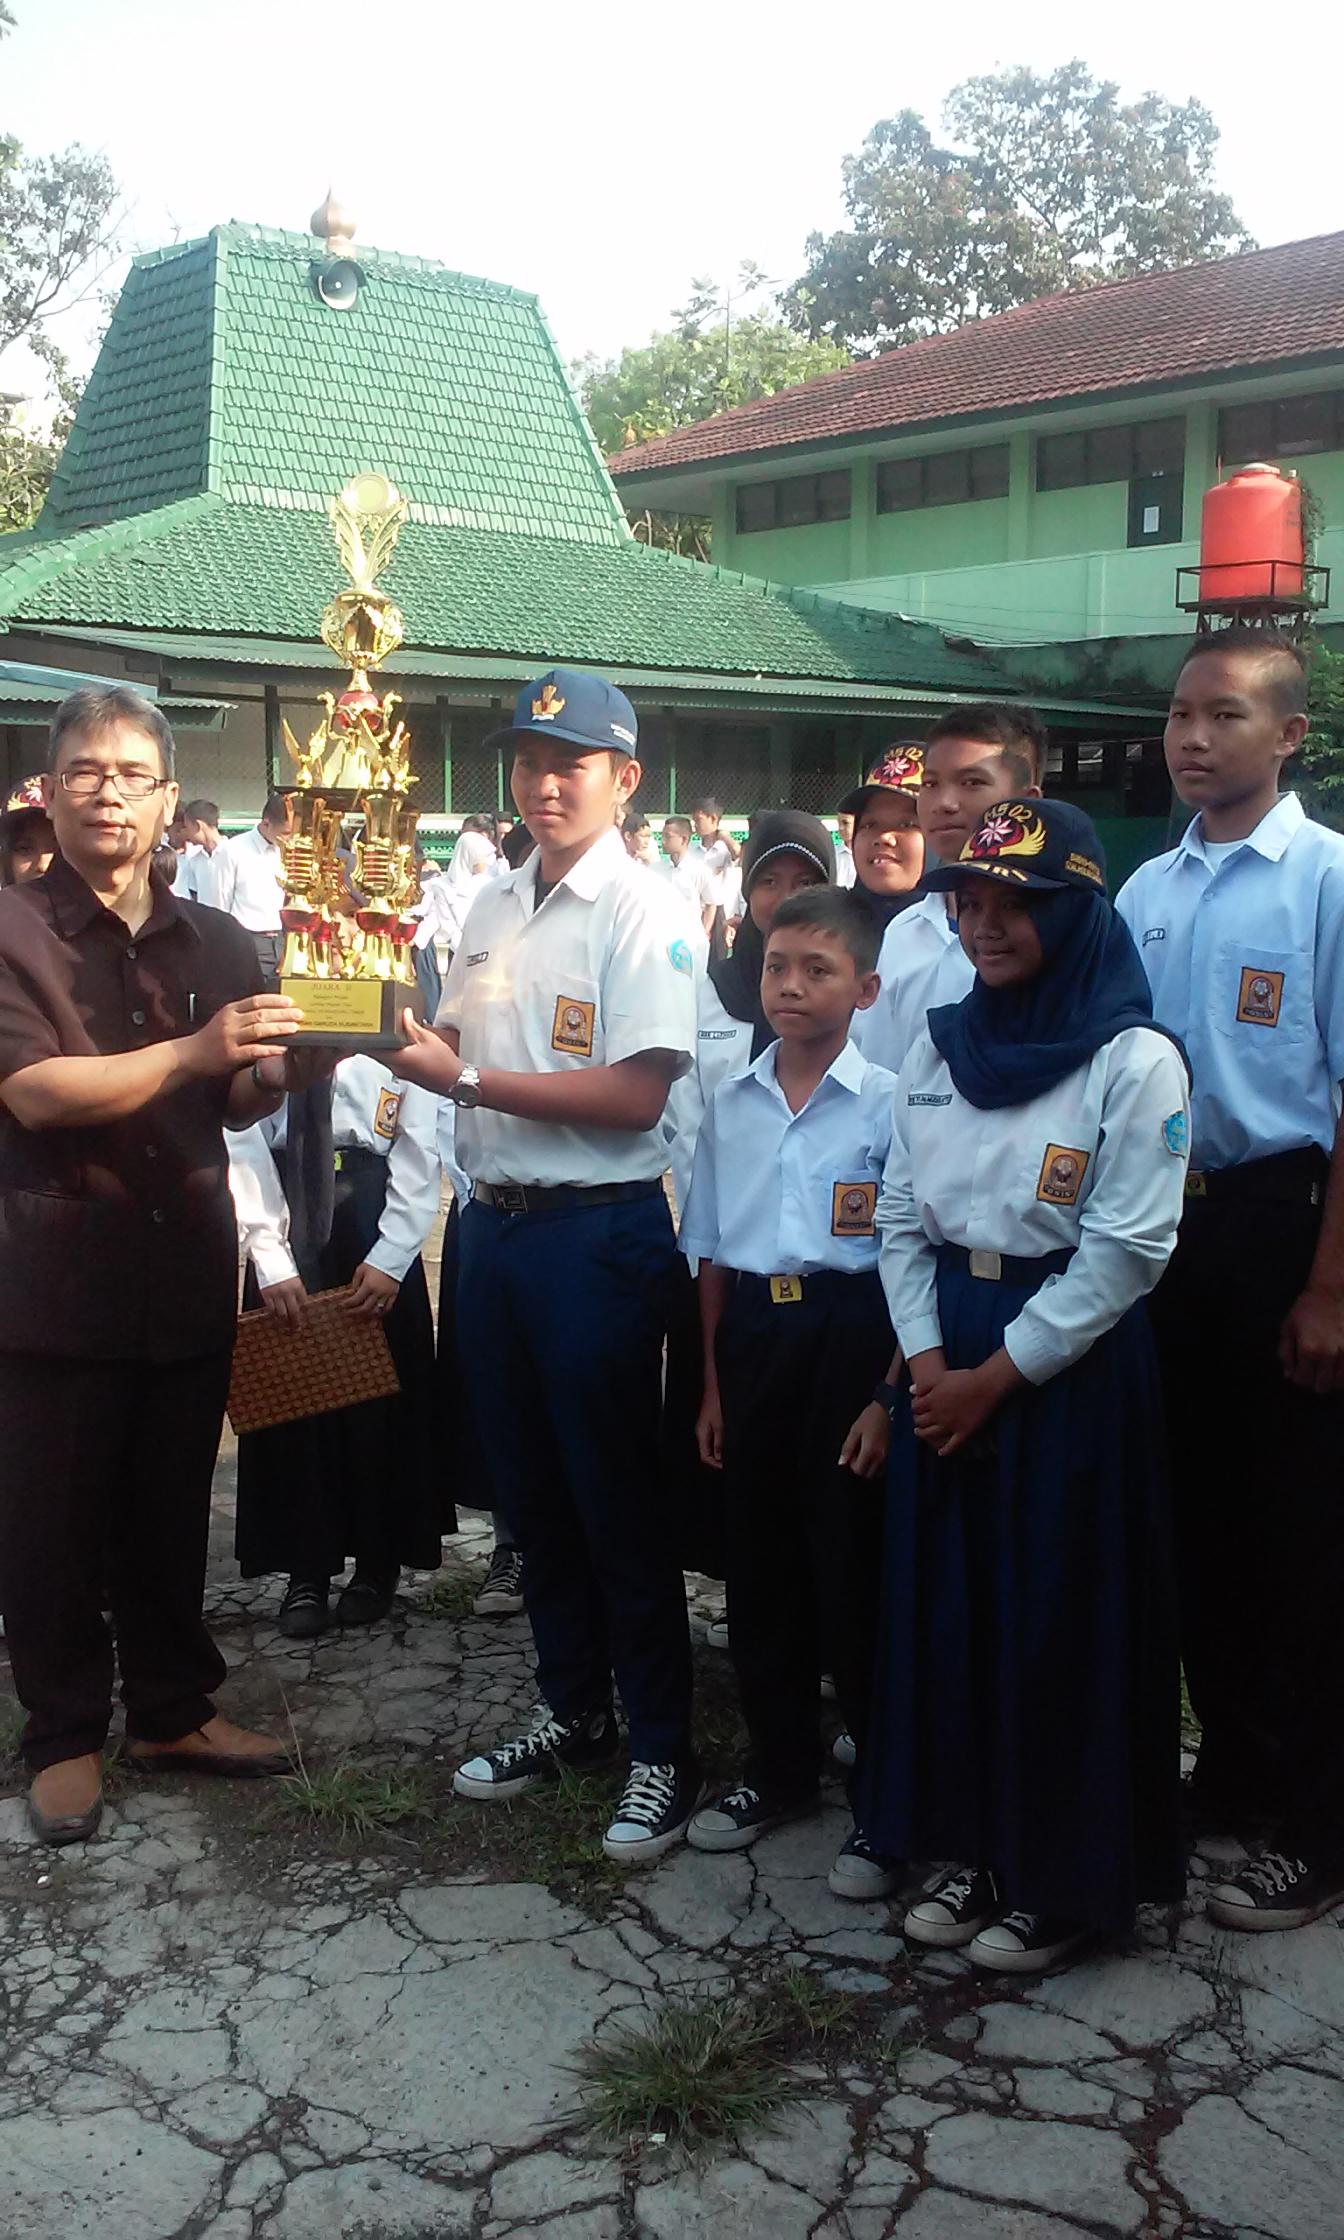 Kepala Sekolah SMP Muslimin 3 saat memberikan piala lke siswa yang berhasil jadi juara